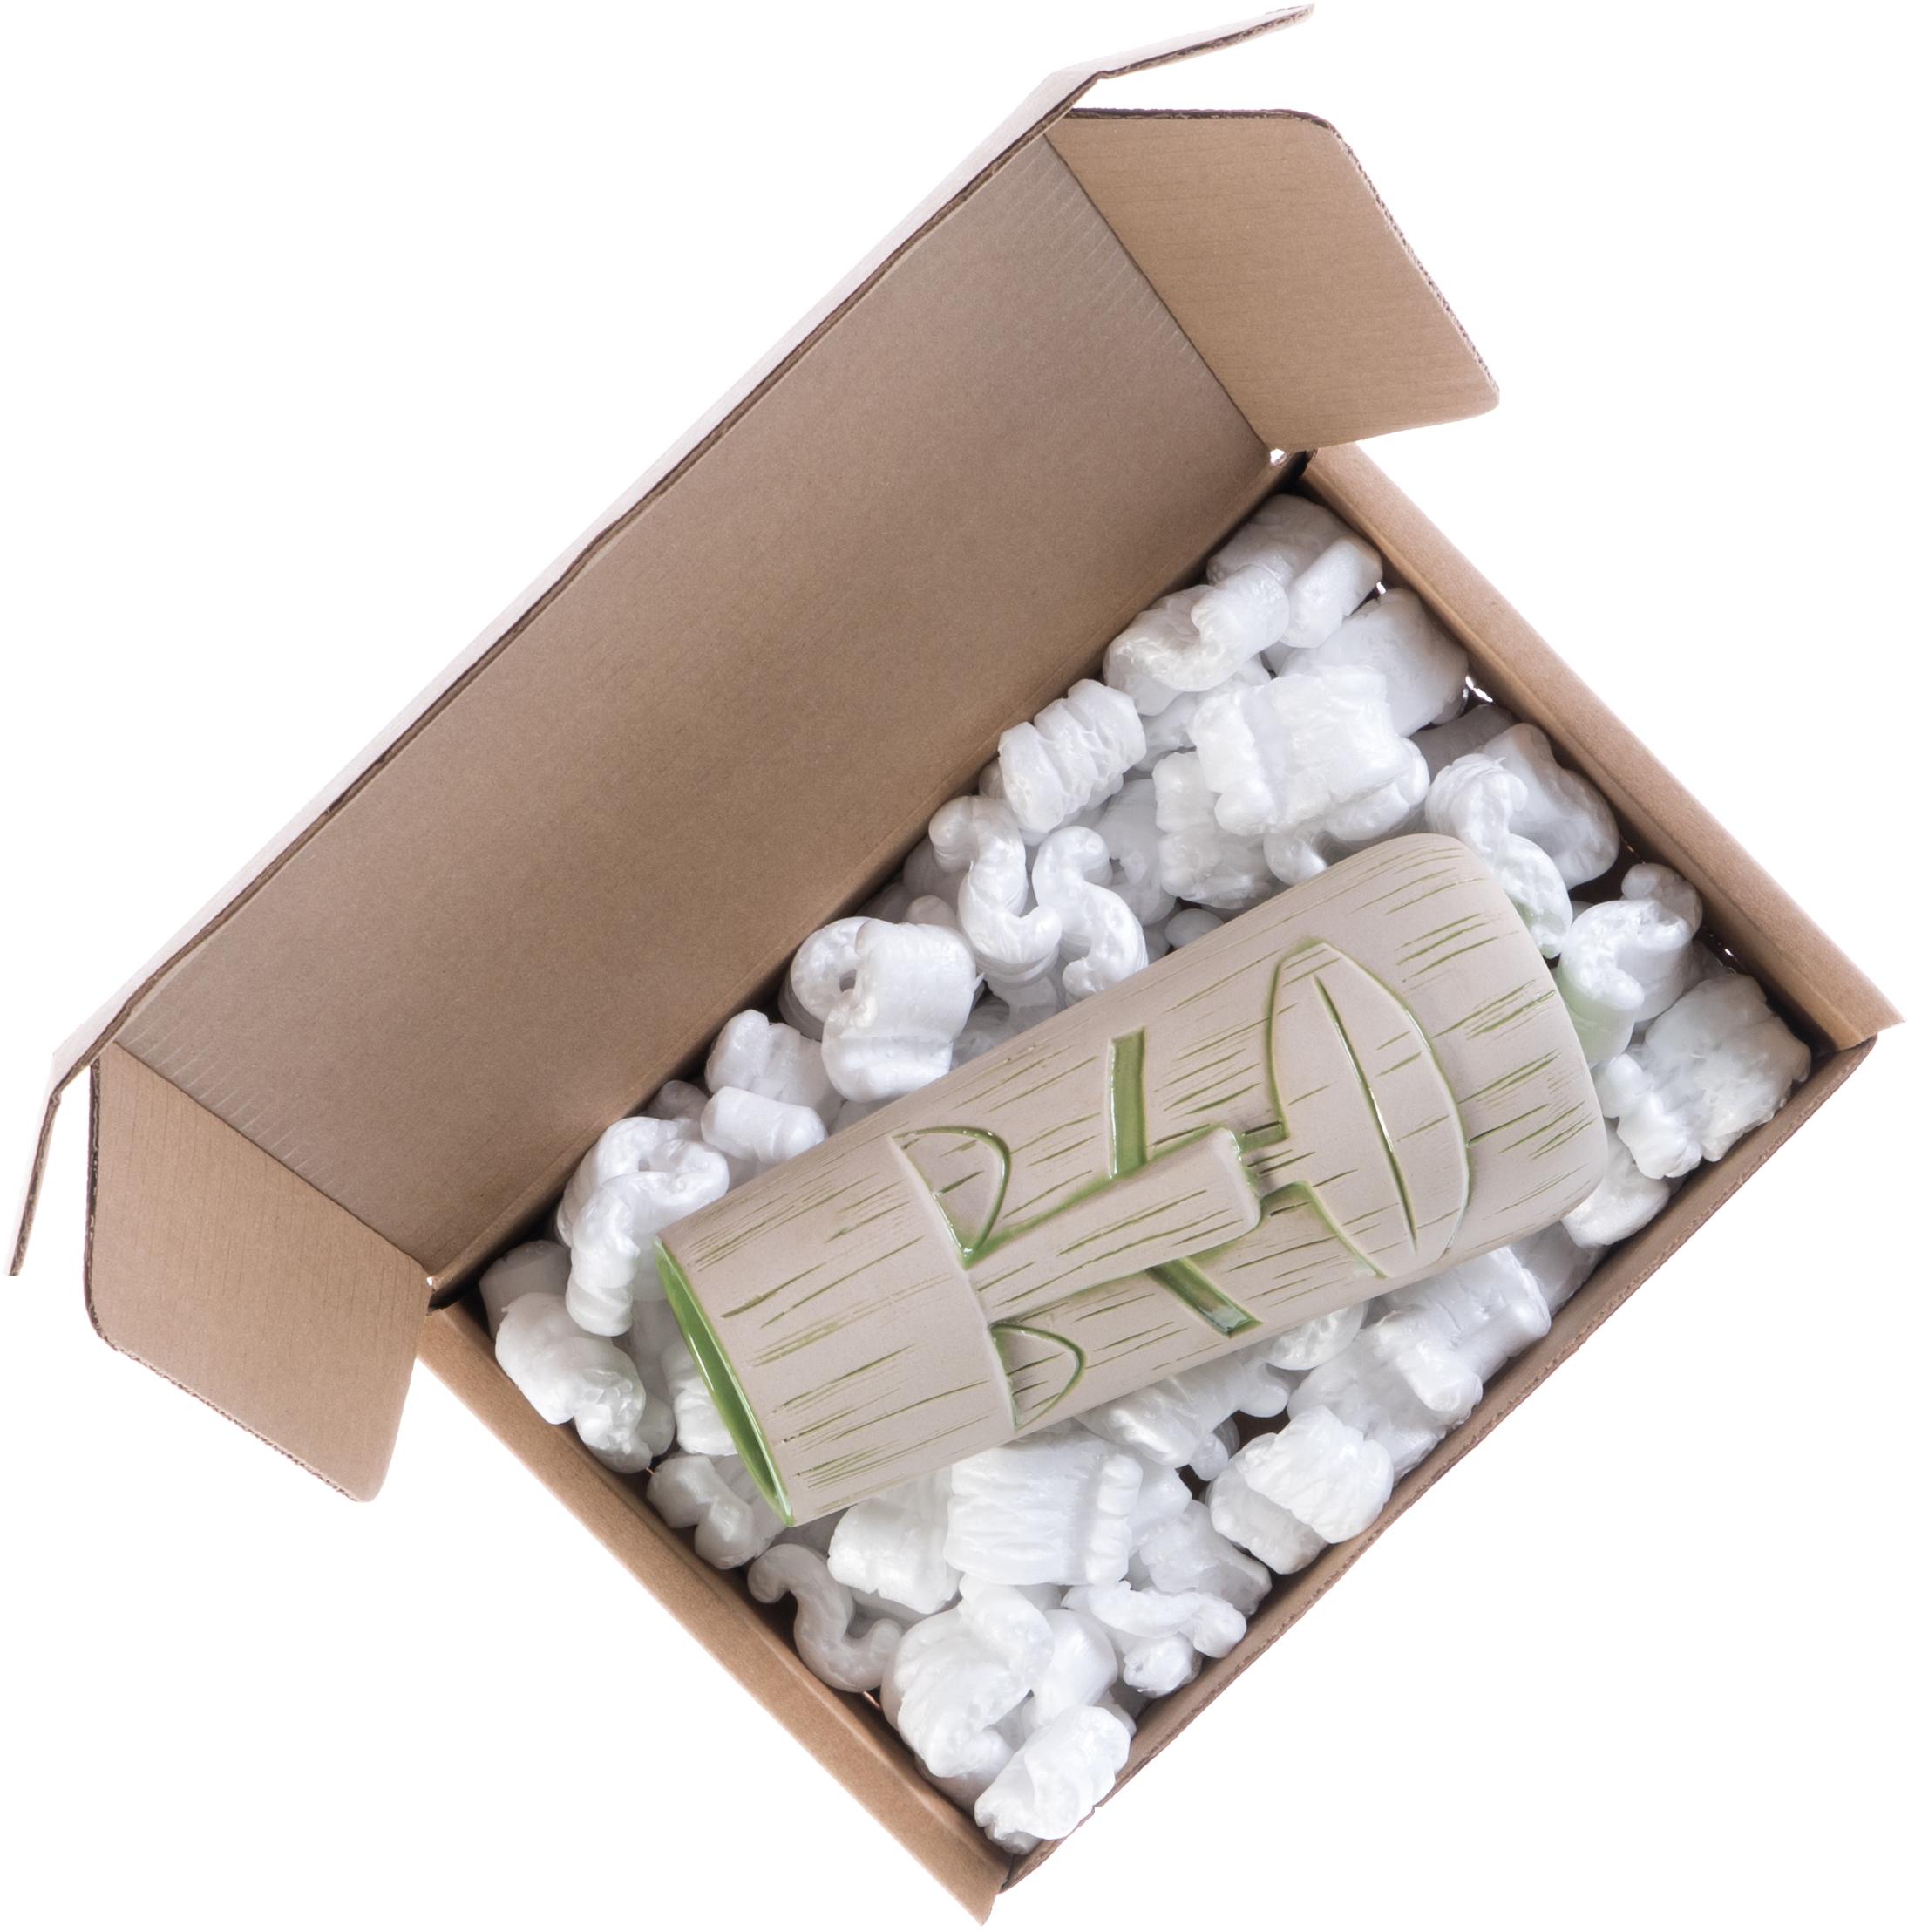 Shipping box with a tiki mug